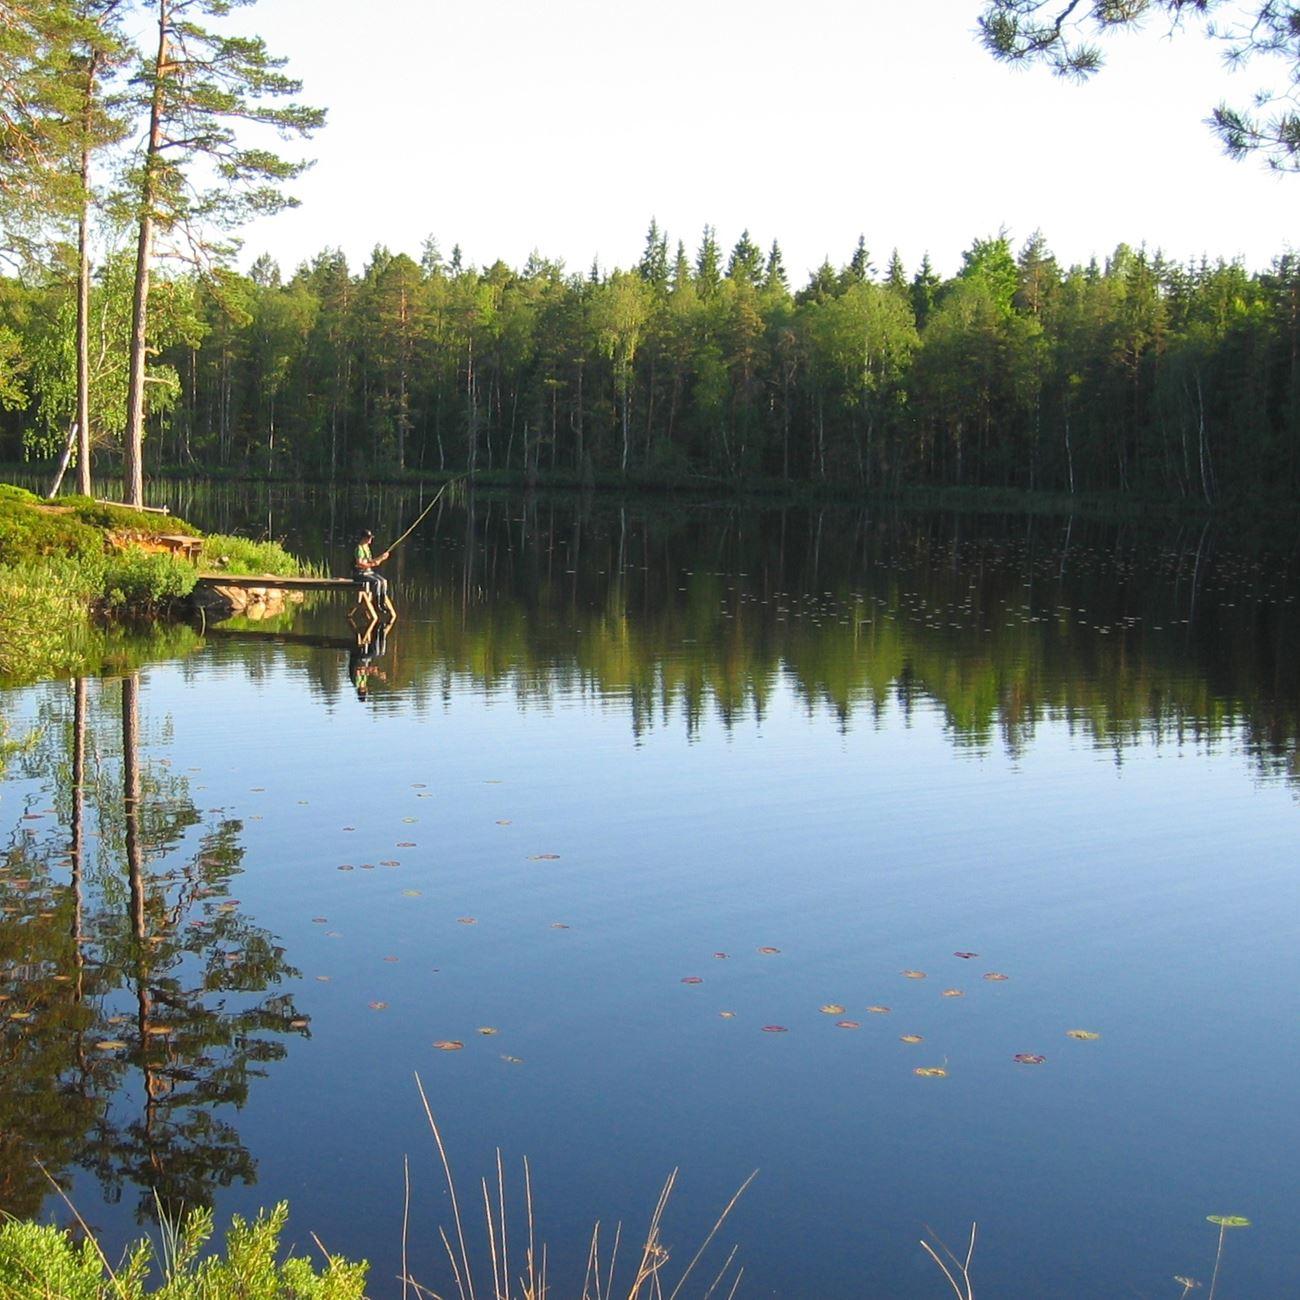 © Värnamo Näringsliv AB, Fiske i Rannäsasjön